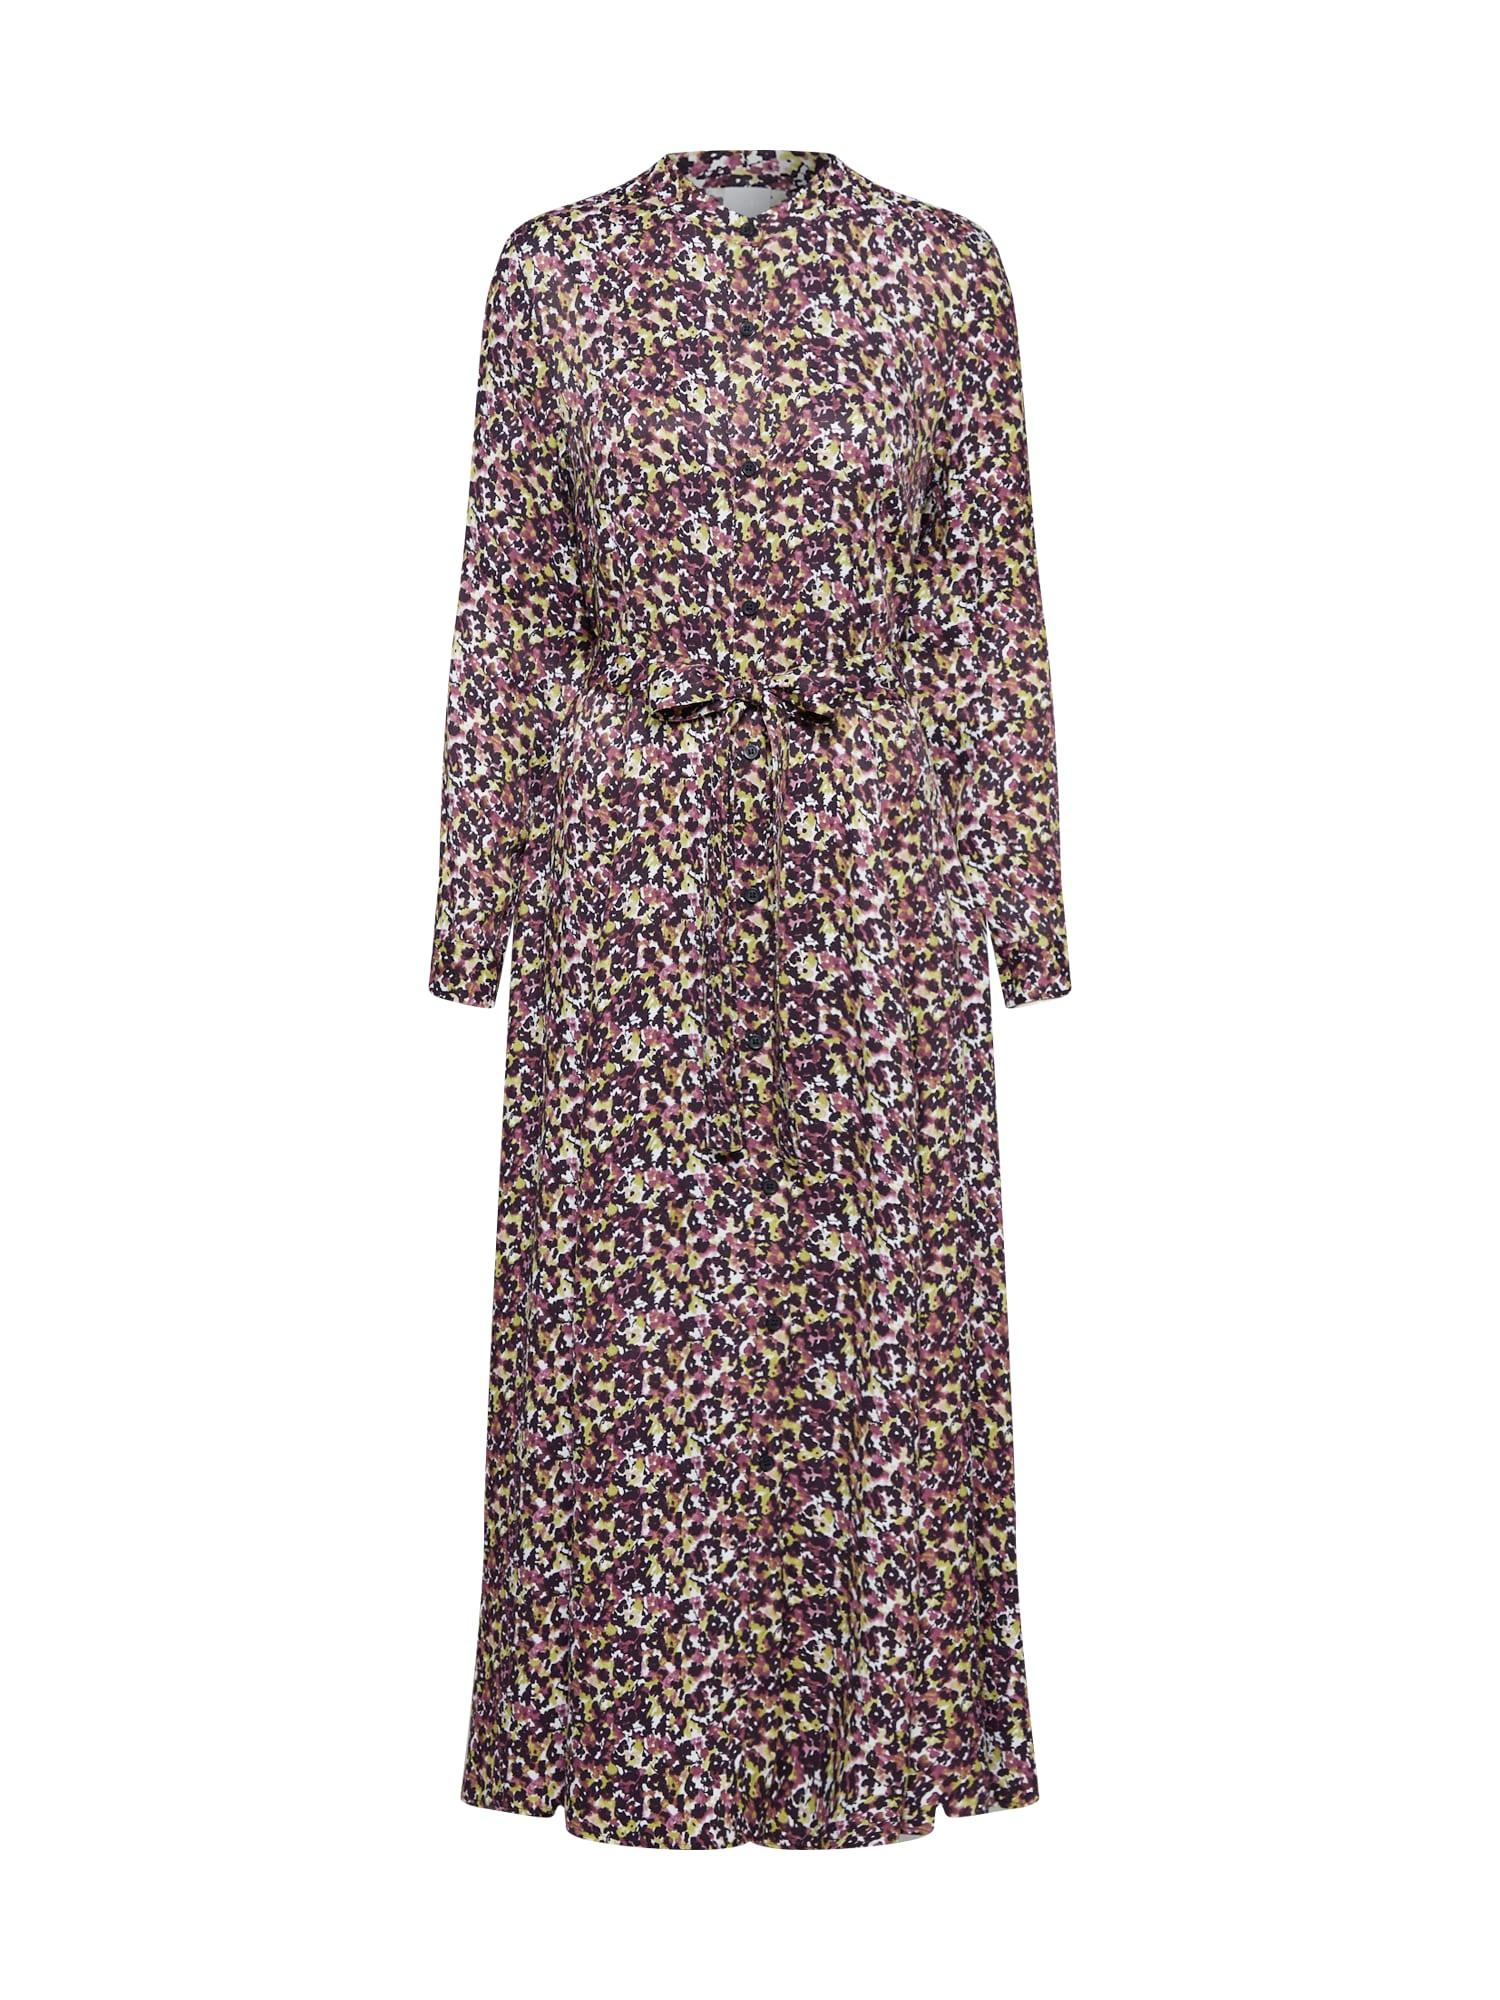 BOSS Palaidinės tipo suknelė 'Elkas' mišrios spalvos